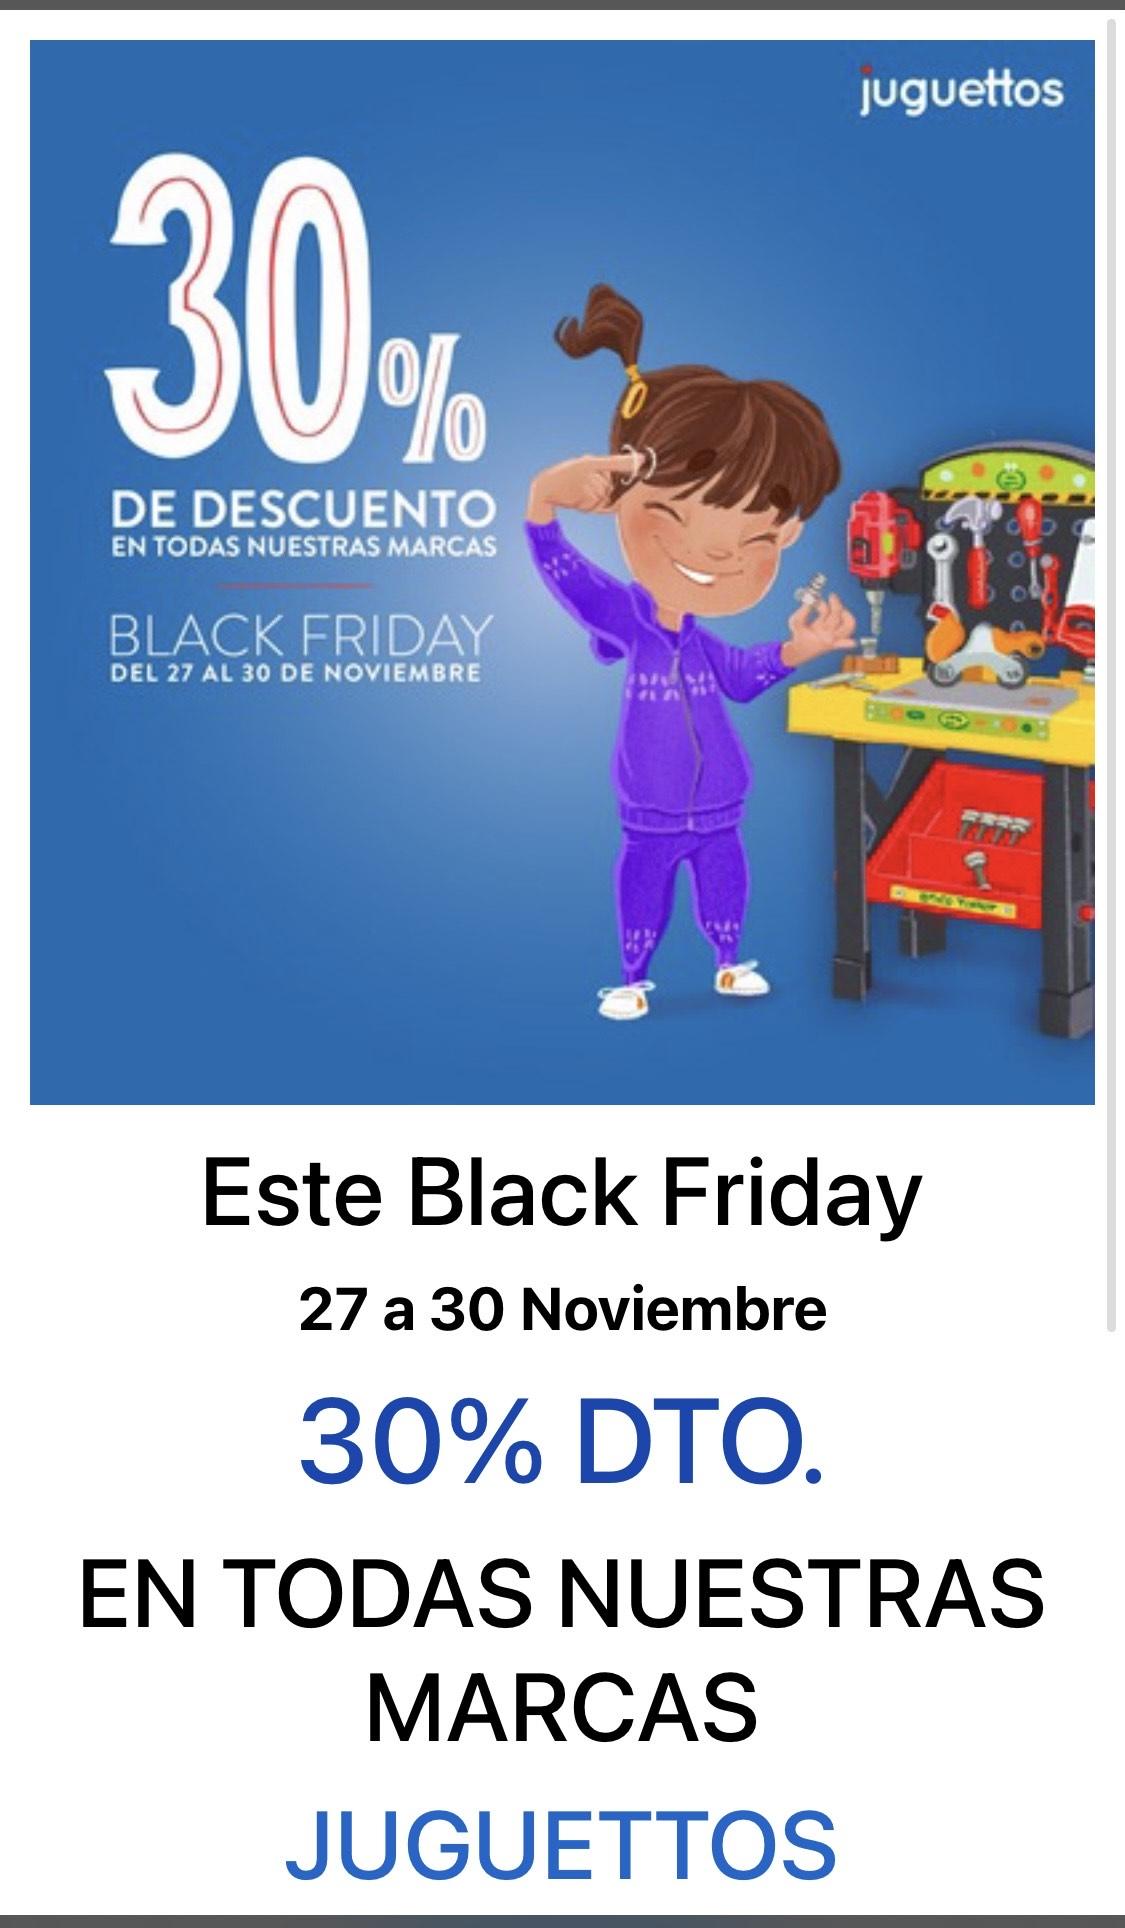 30% DTO. EN TODAS NUESTRAS MARCAS JUGUETTOS